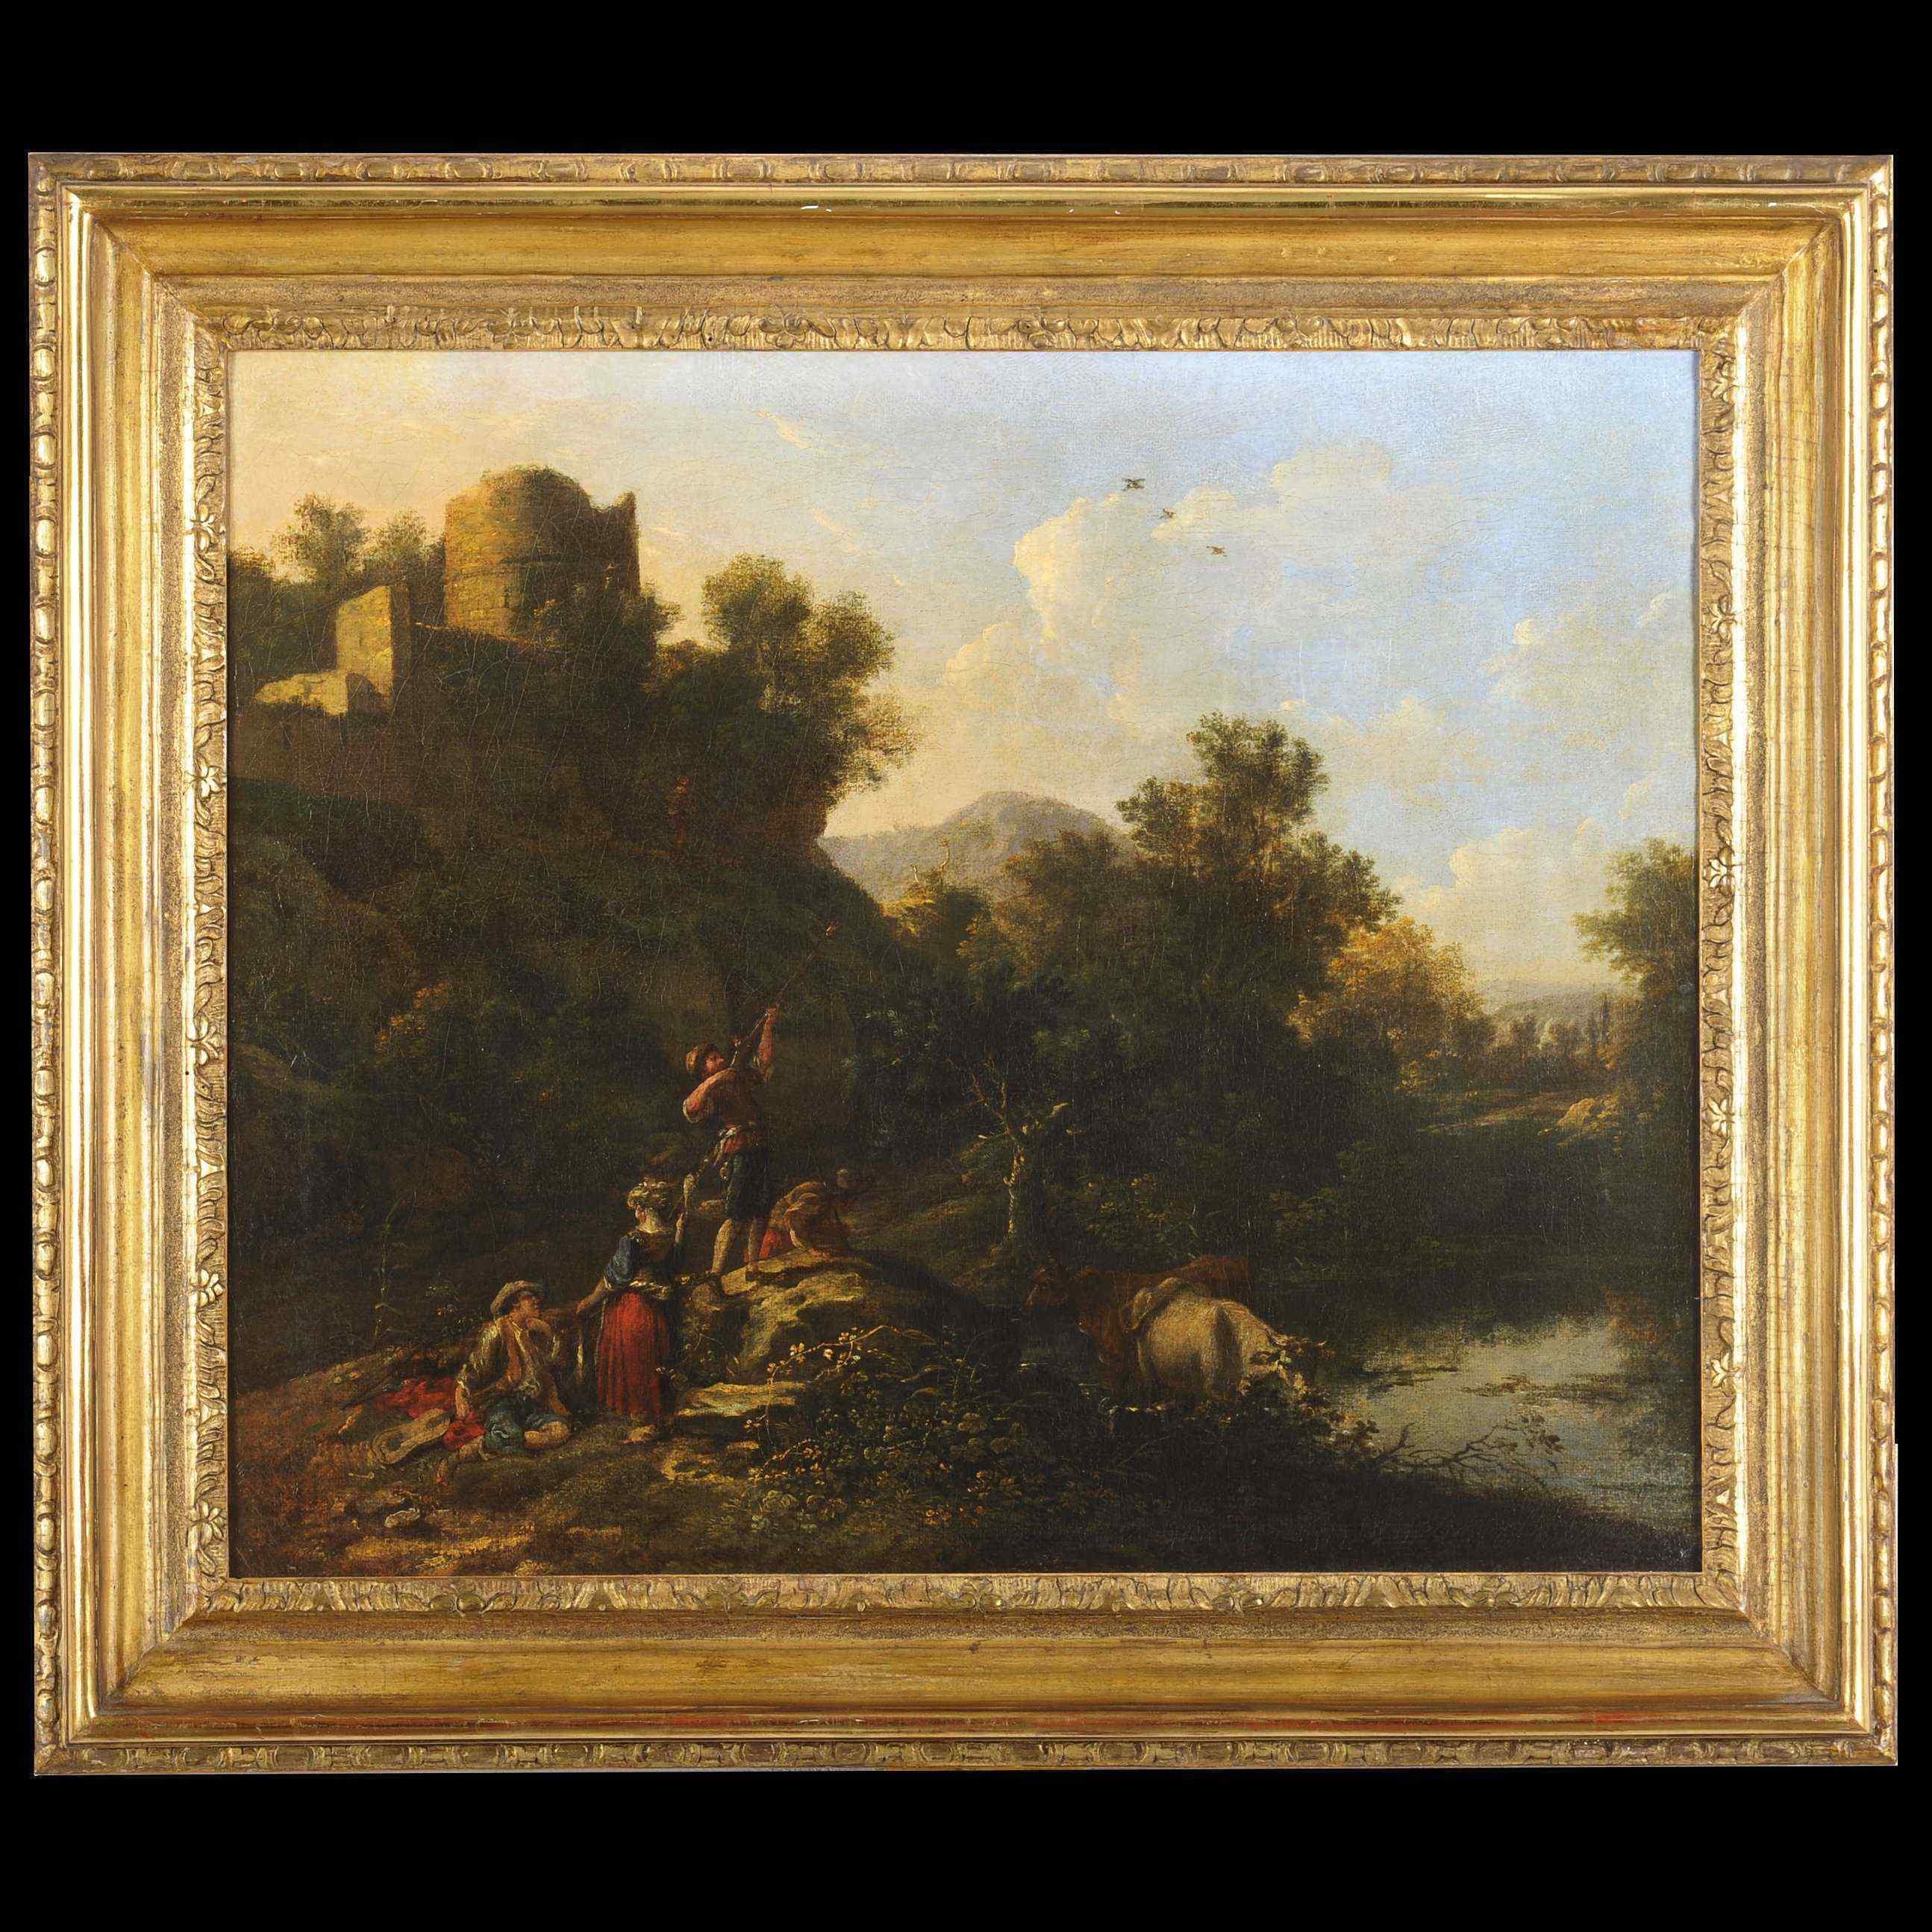 Cacciatori Paesaggio - Scuola francese intorno al 1730